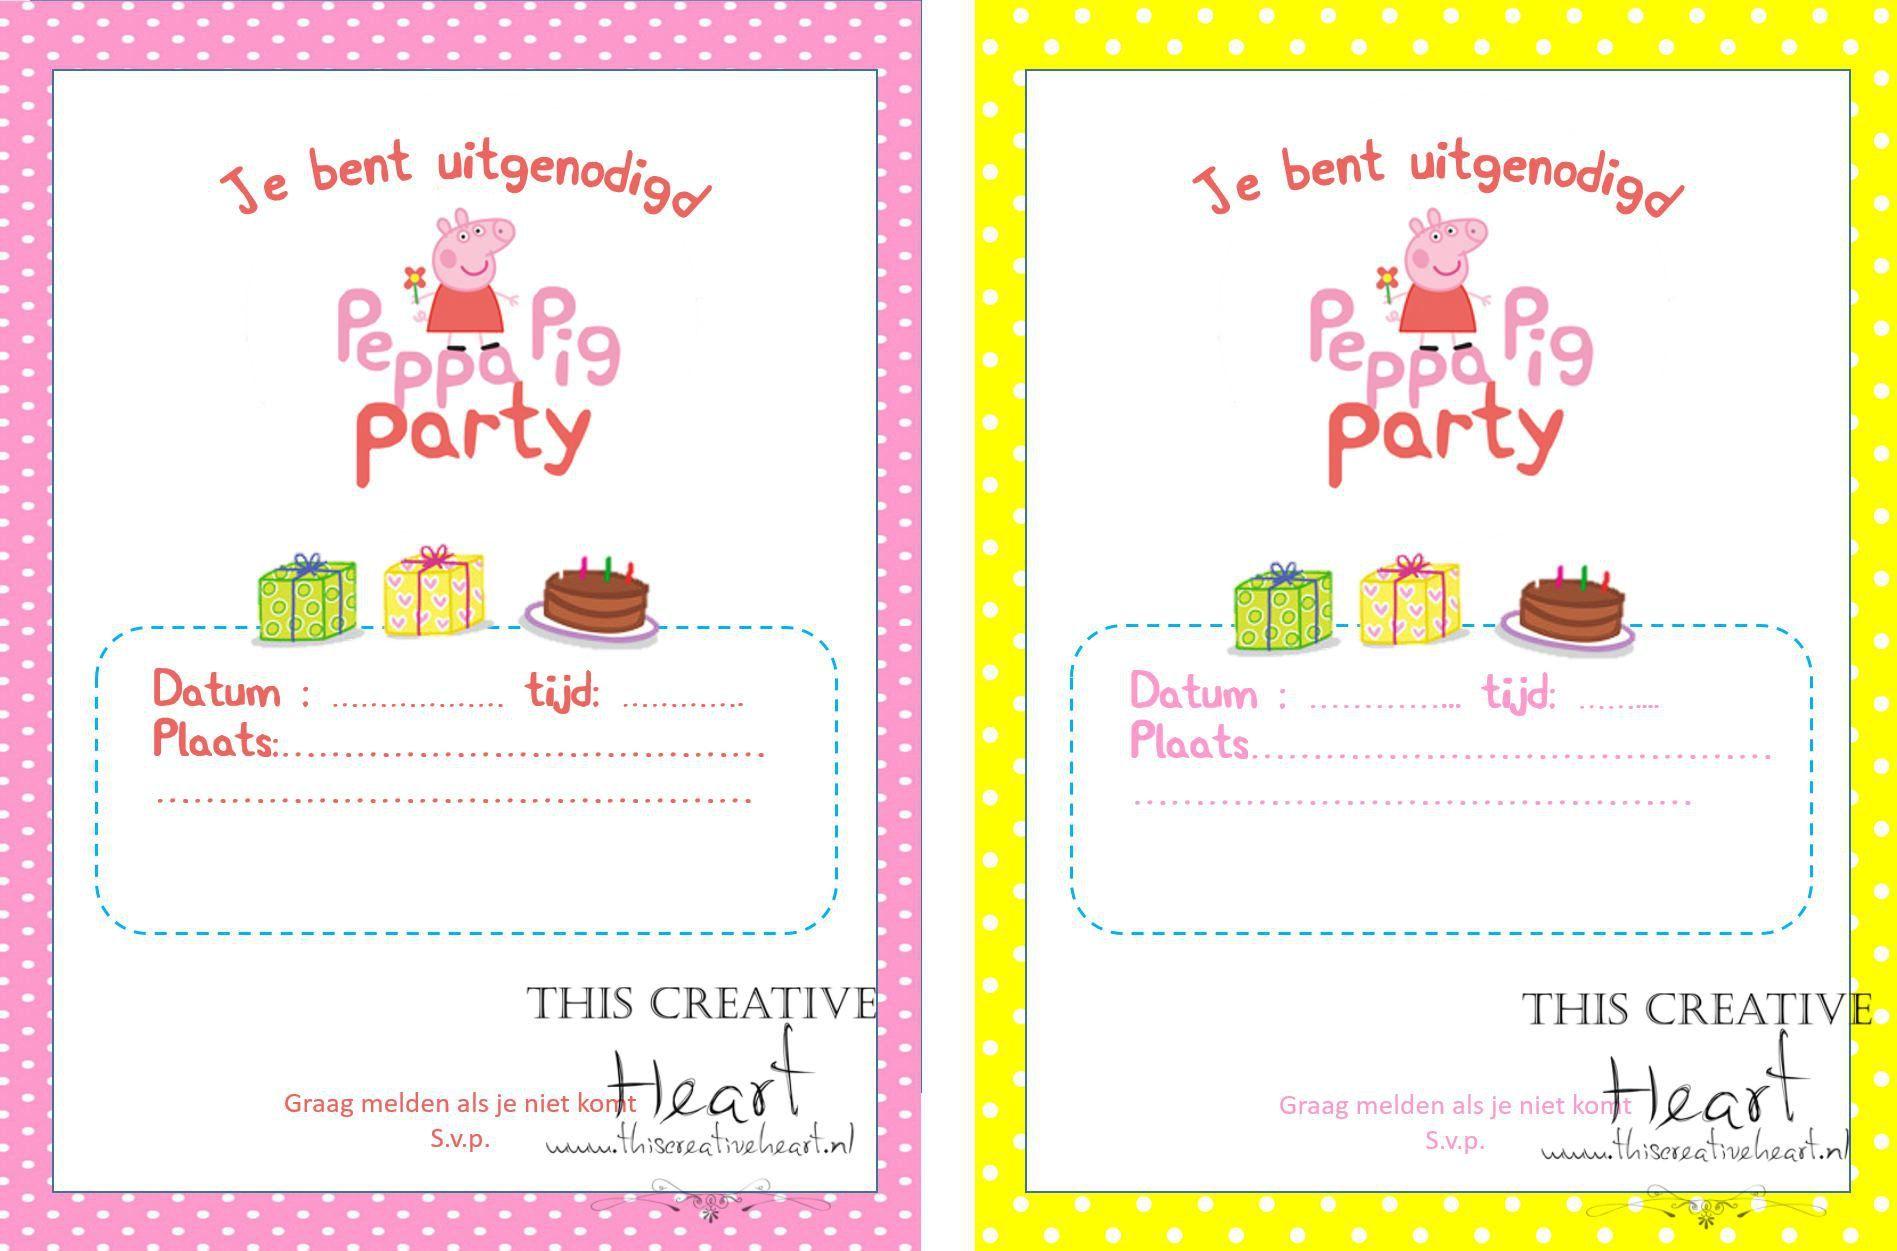 Zeer Uitnodiging Verjaardag Kind : Uitnodiging Verjaardag Kind 5 Jaar  @MB55